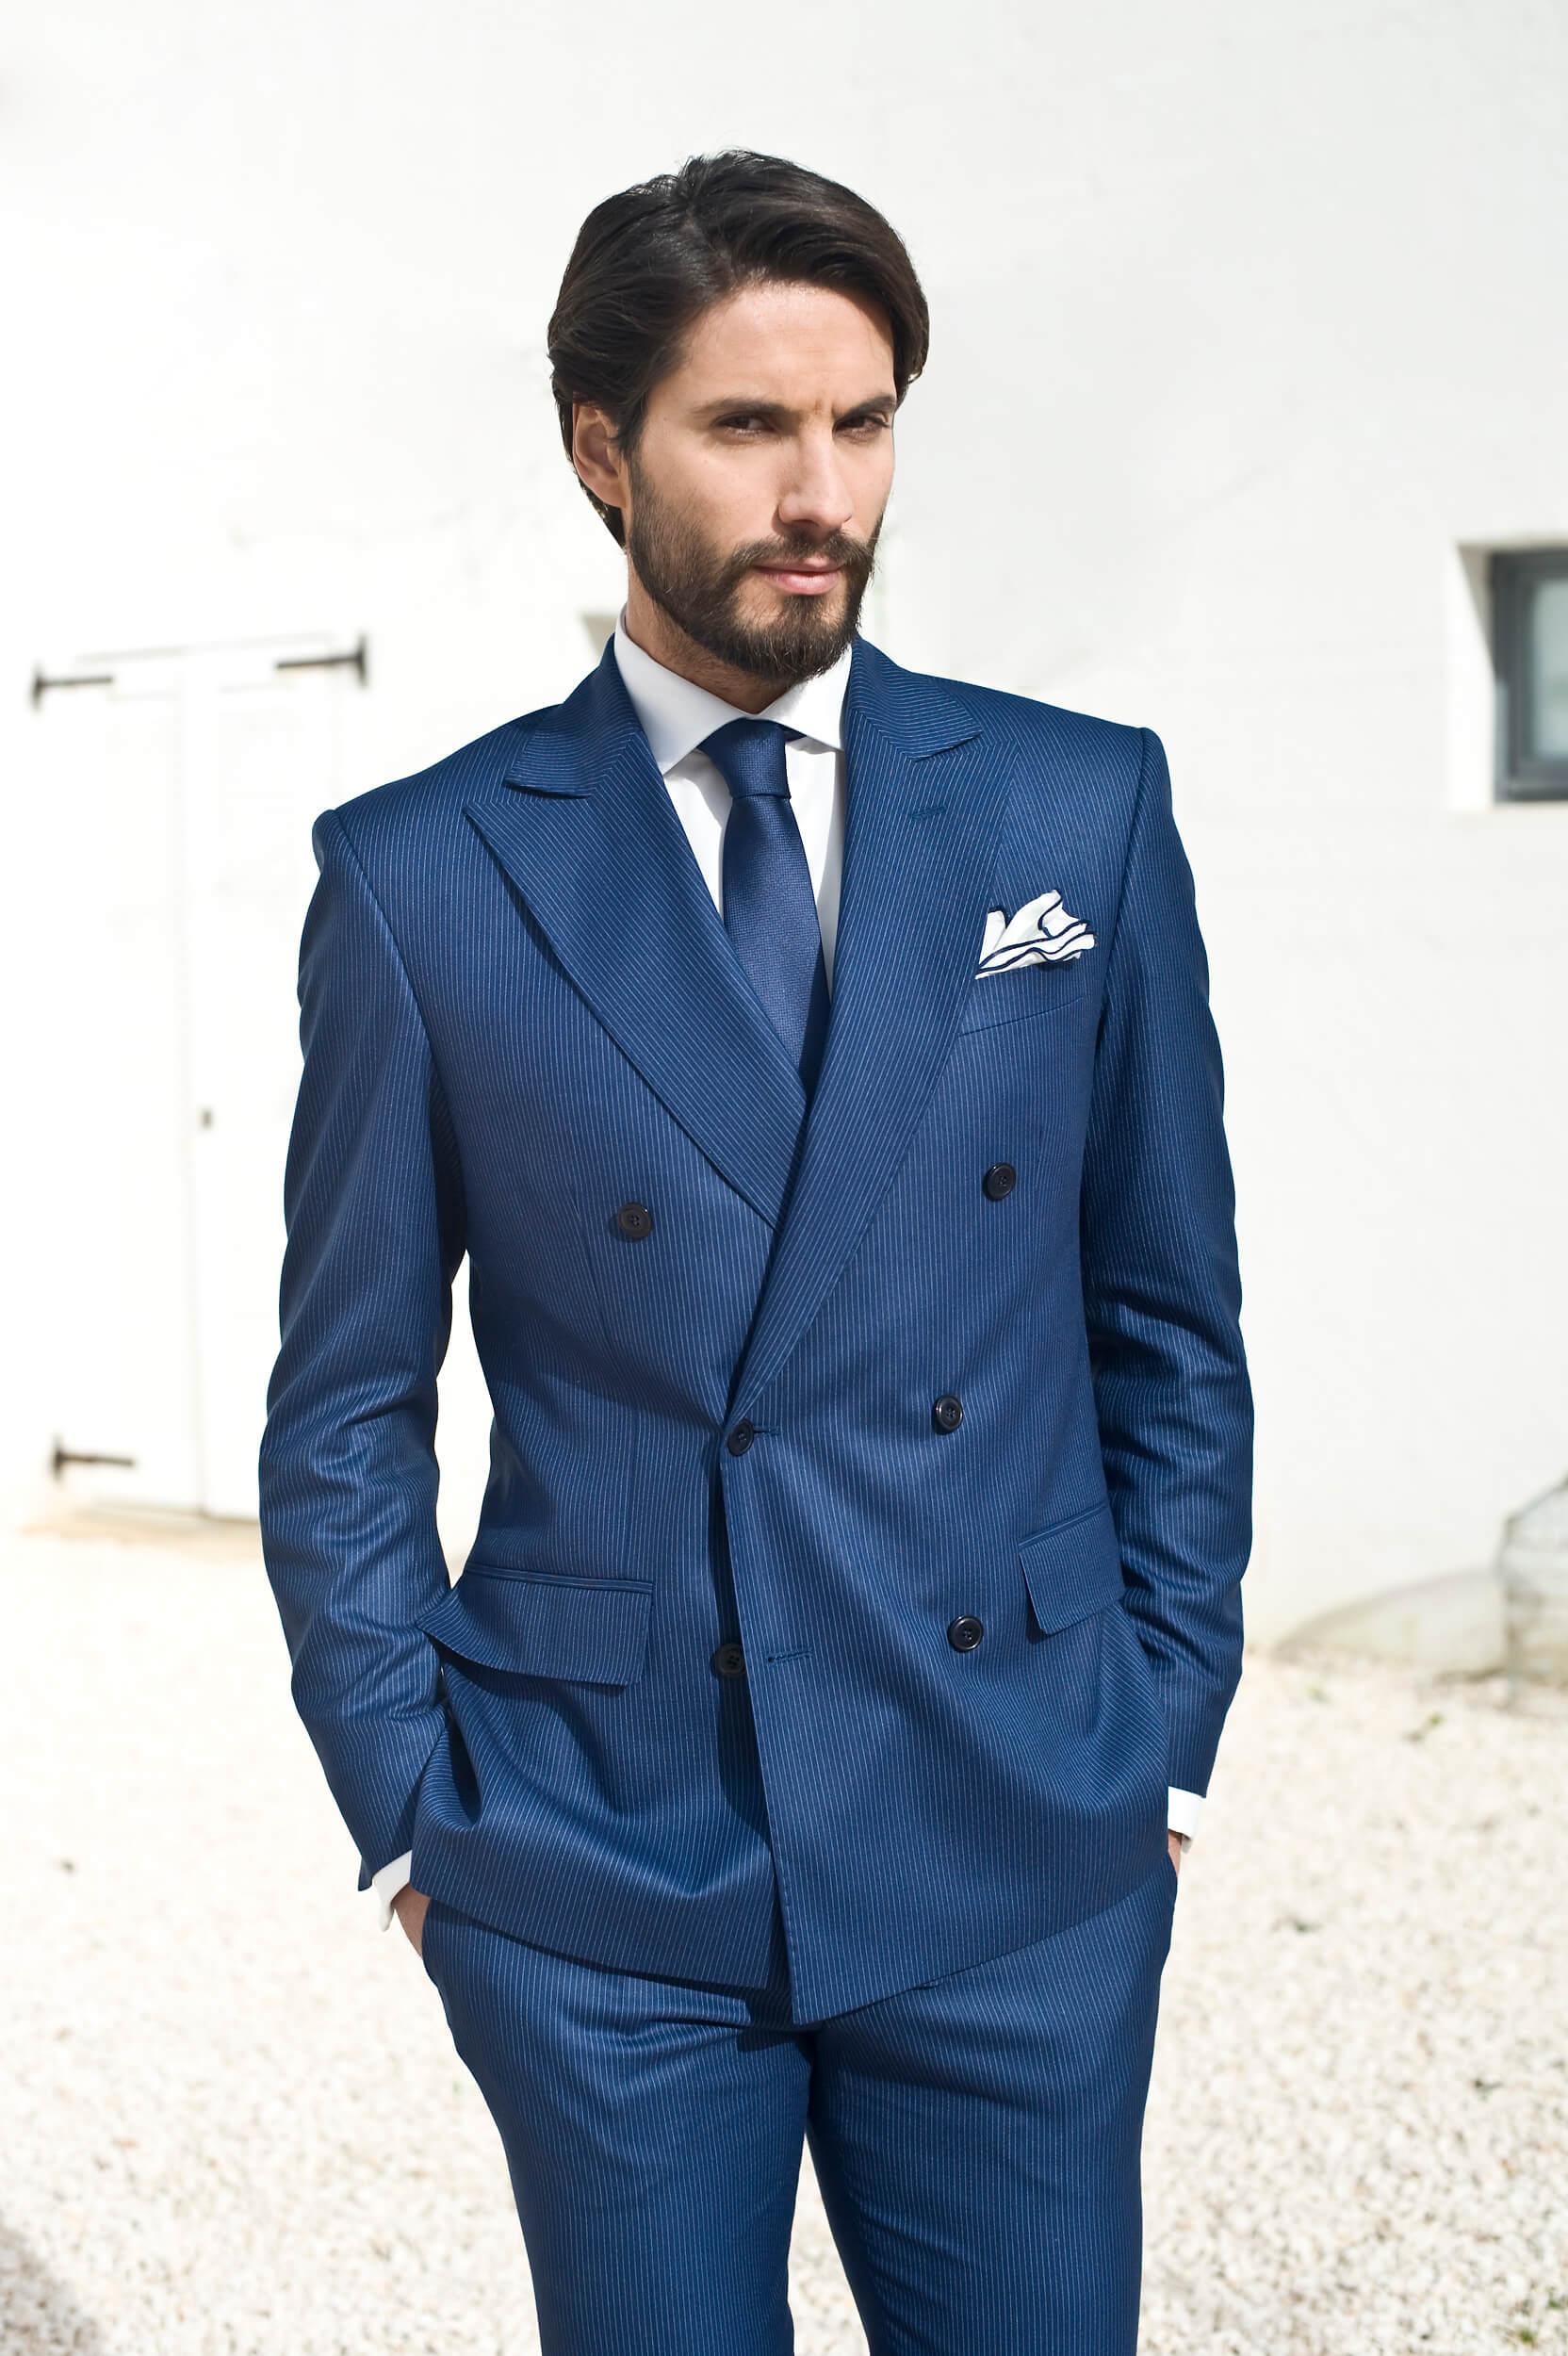 aa5579747a2a6 Garnitur ślubny - wybieramy garnitur dla pana młodego | Poradnik ...